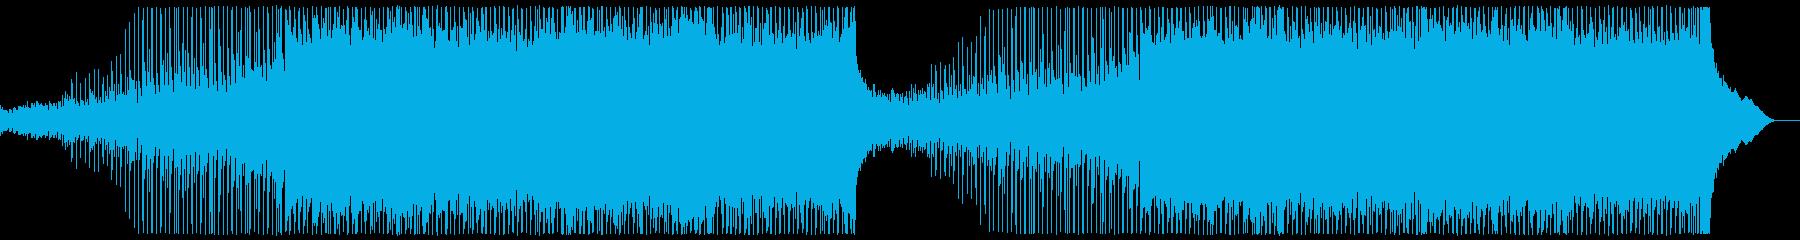 【メロディ抜き】ややアップテンポな切ないの再生済みの波形